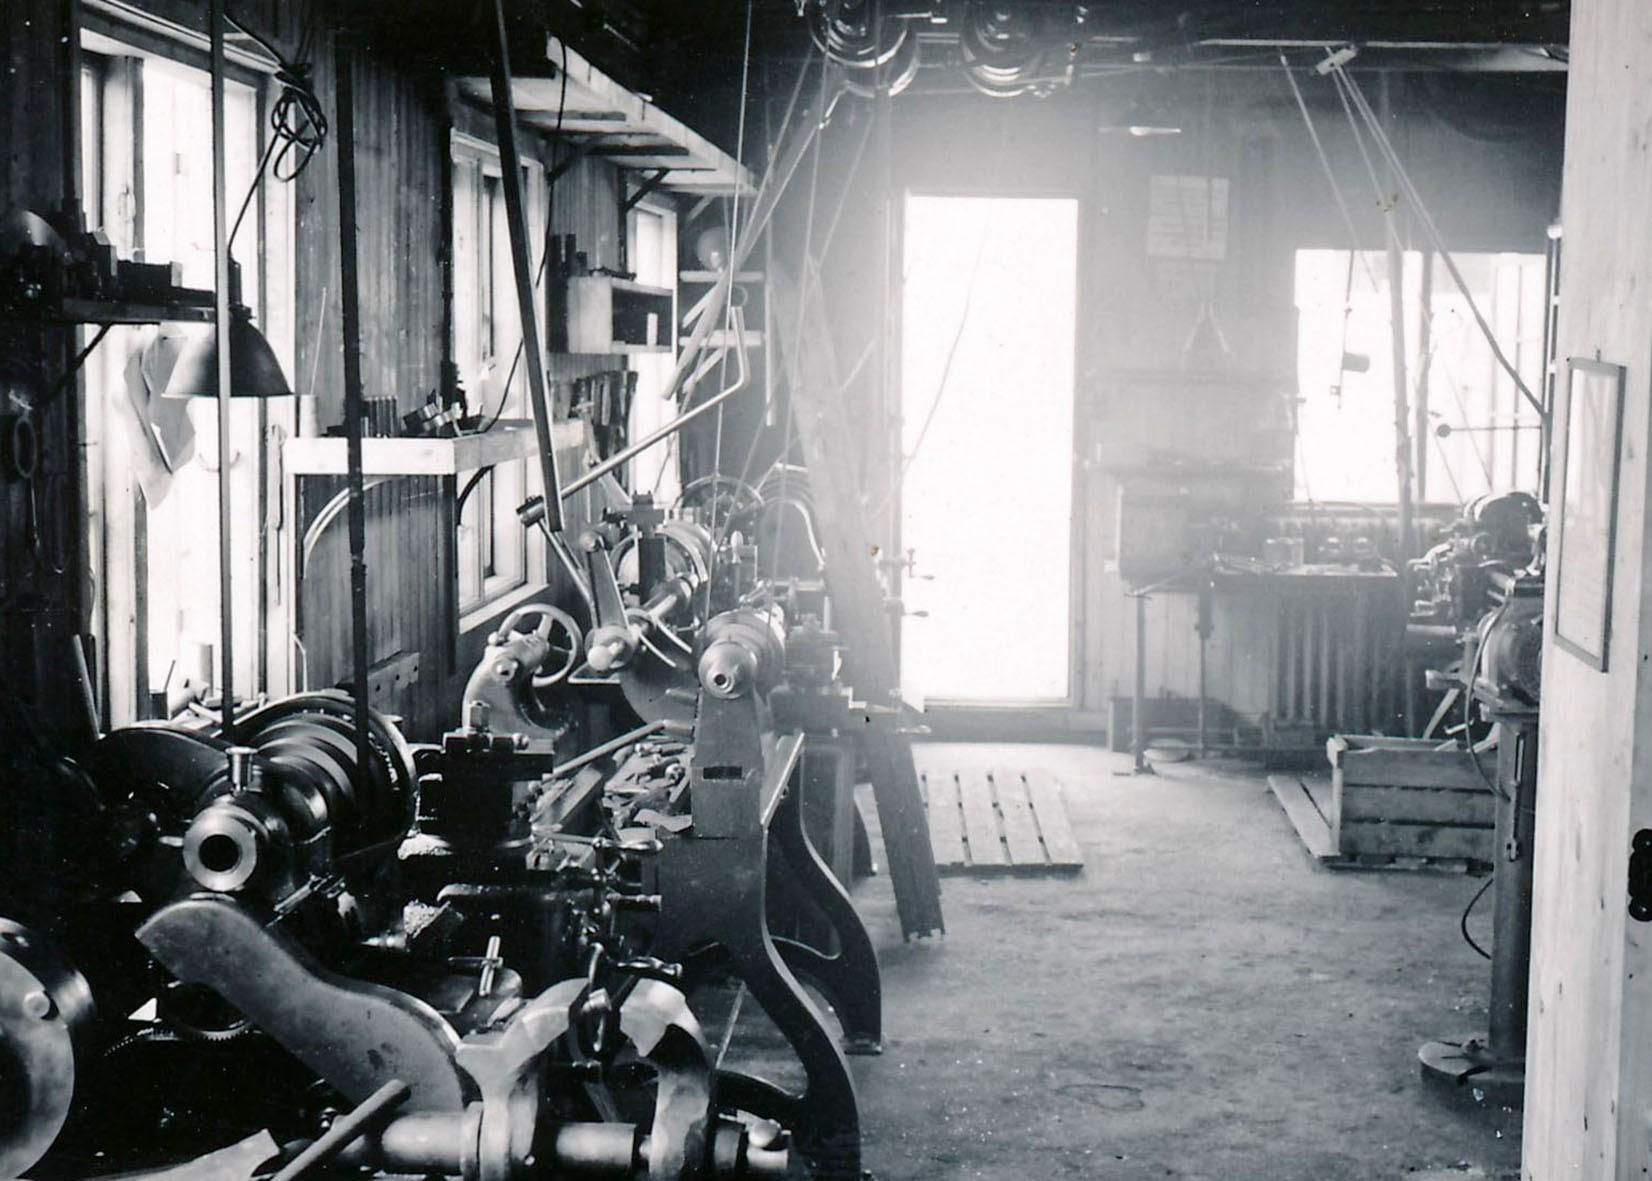 reci-vaerkstedet-2-ca.-1935